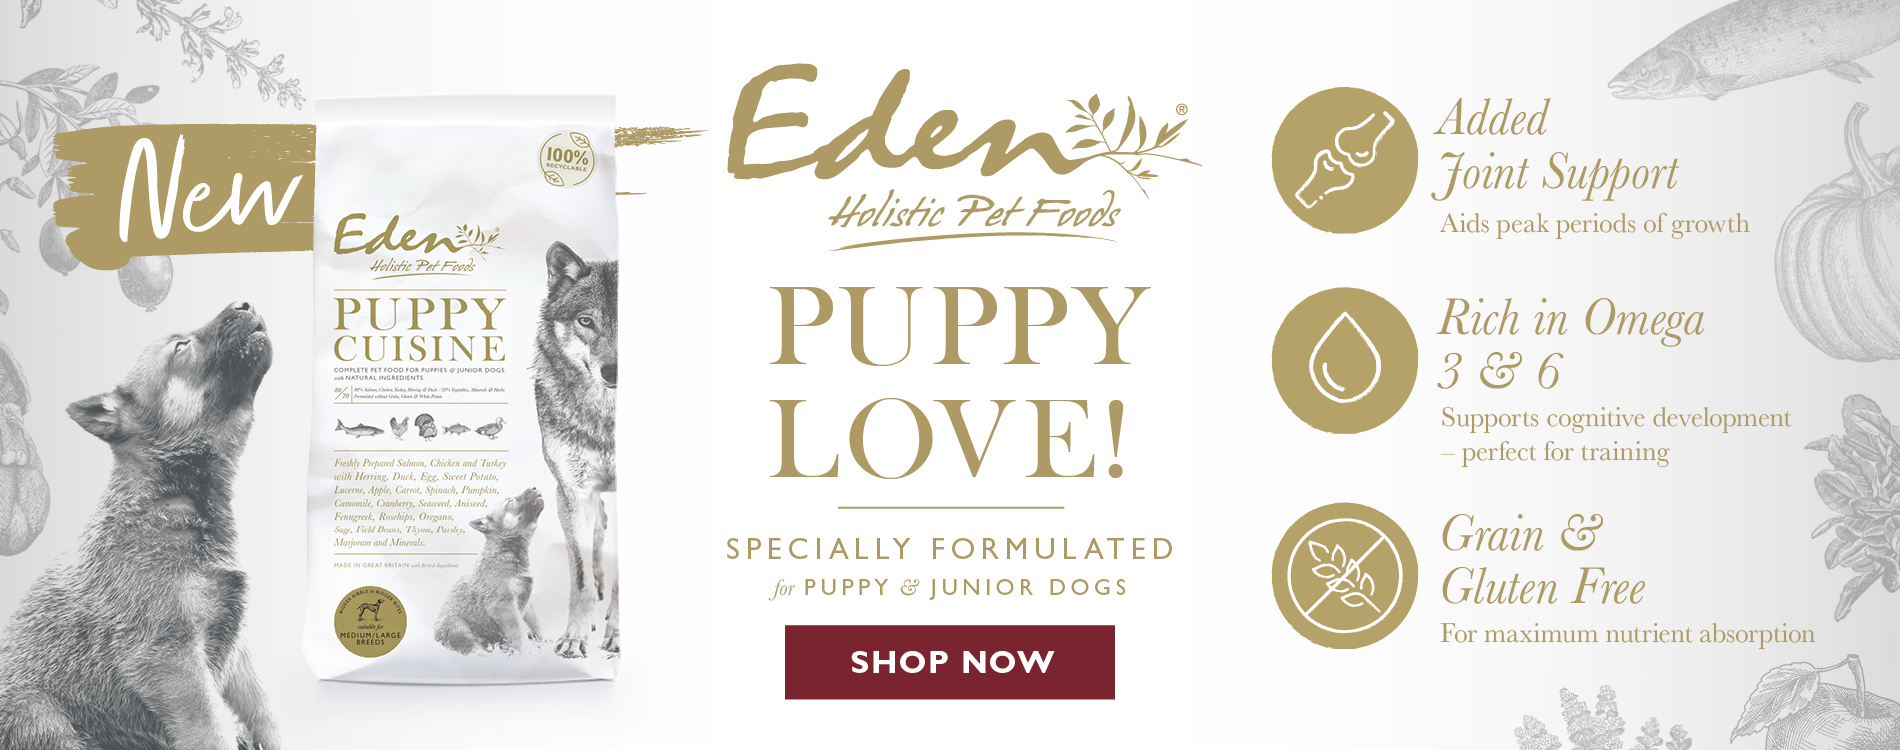 Eden Puppy Cuisine